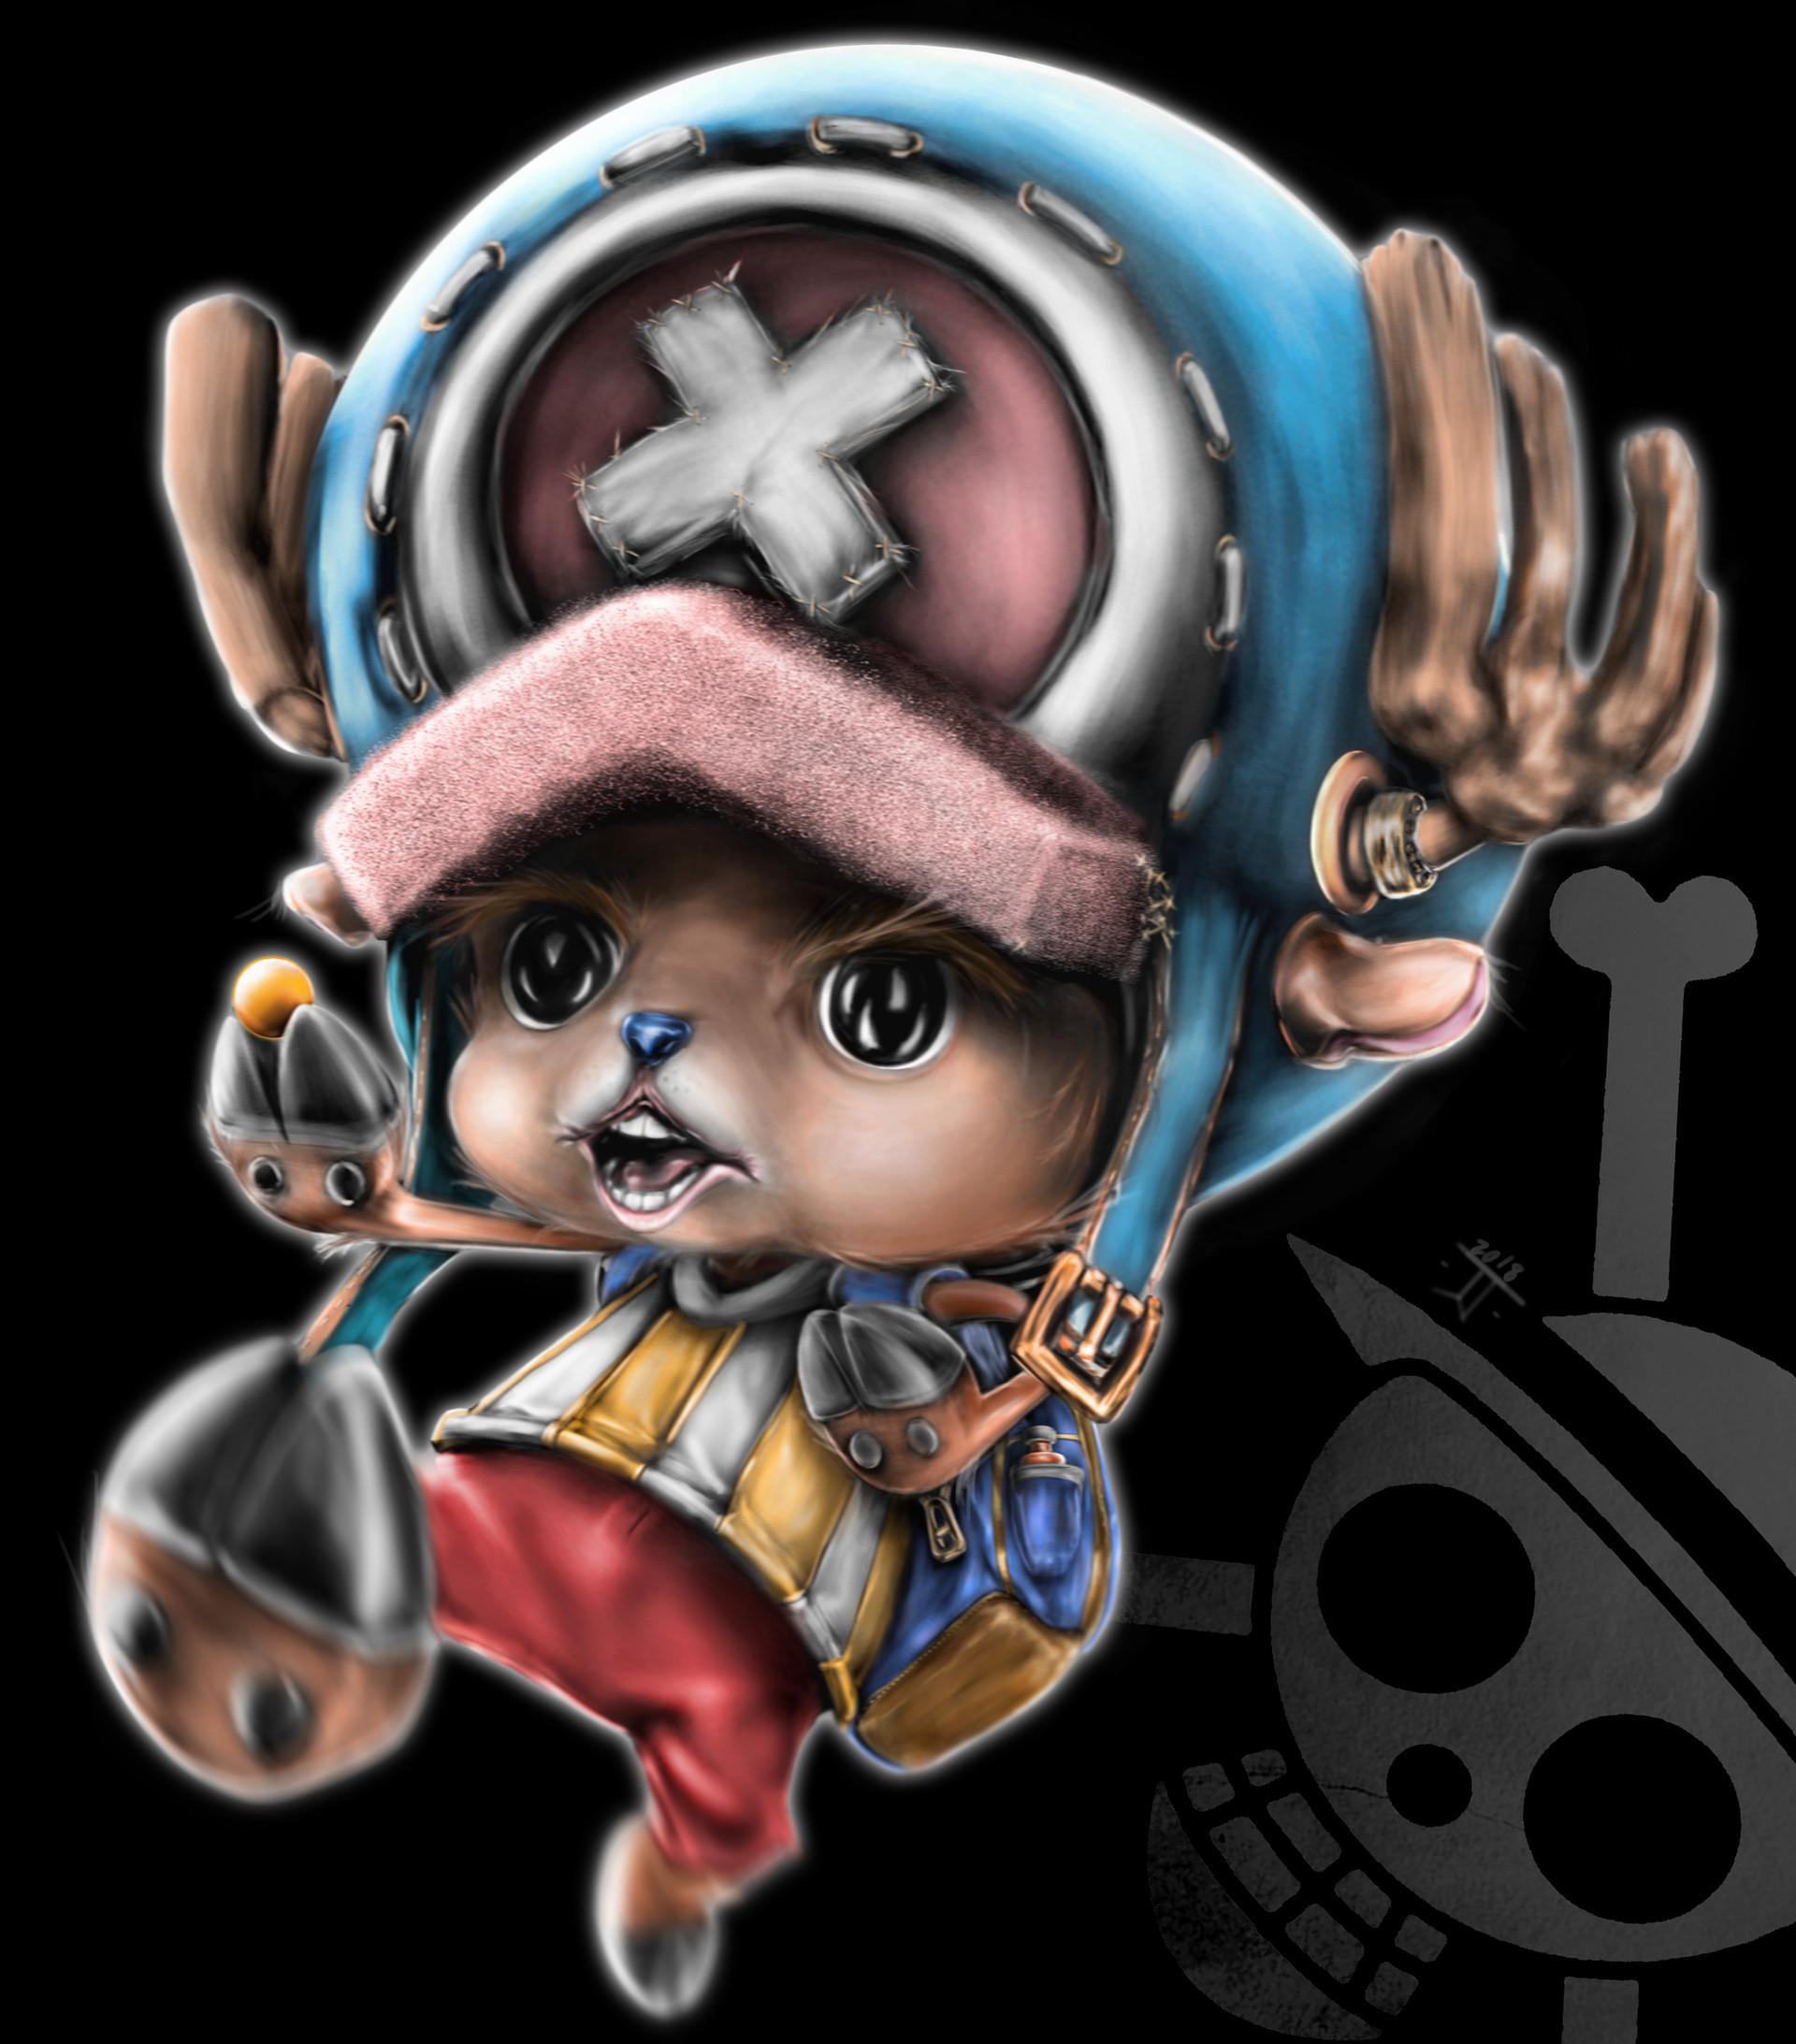 Gambar Chopper One Piece Lucu